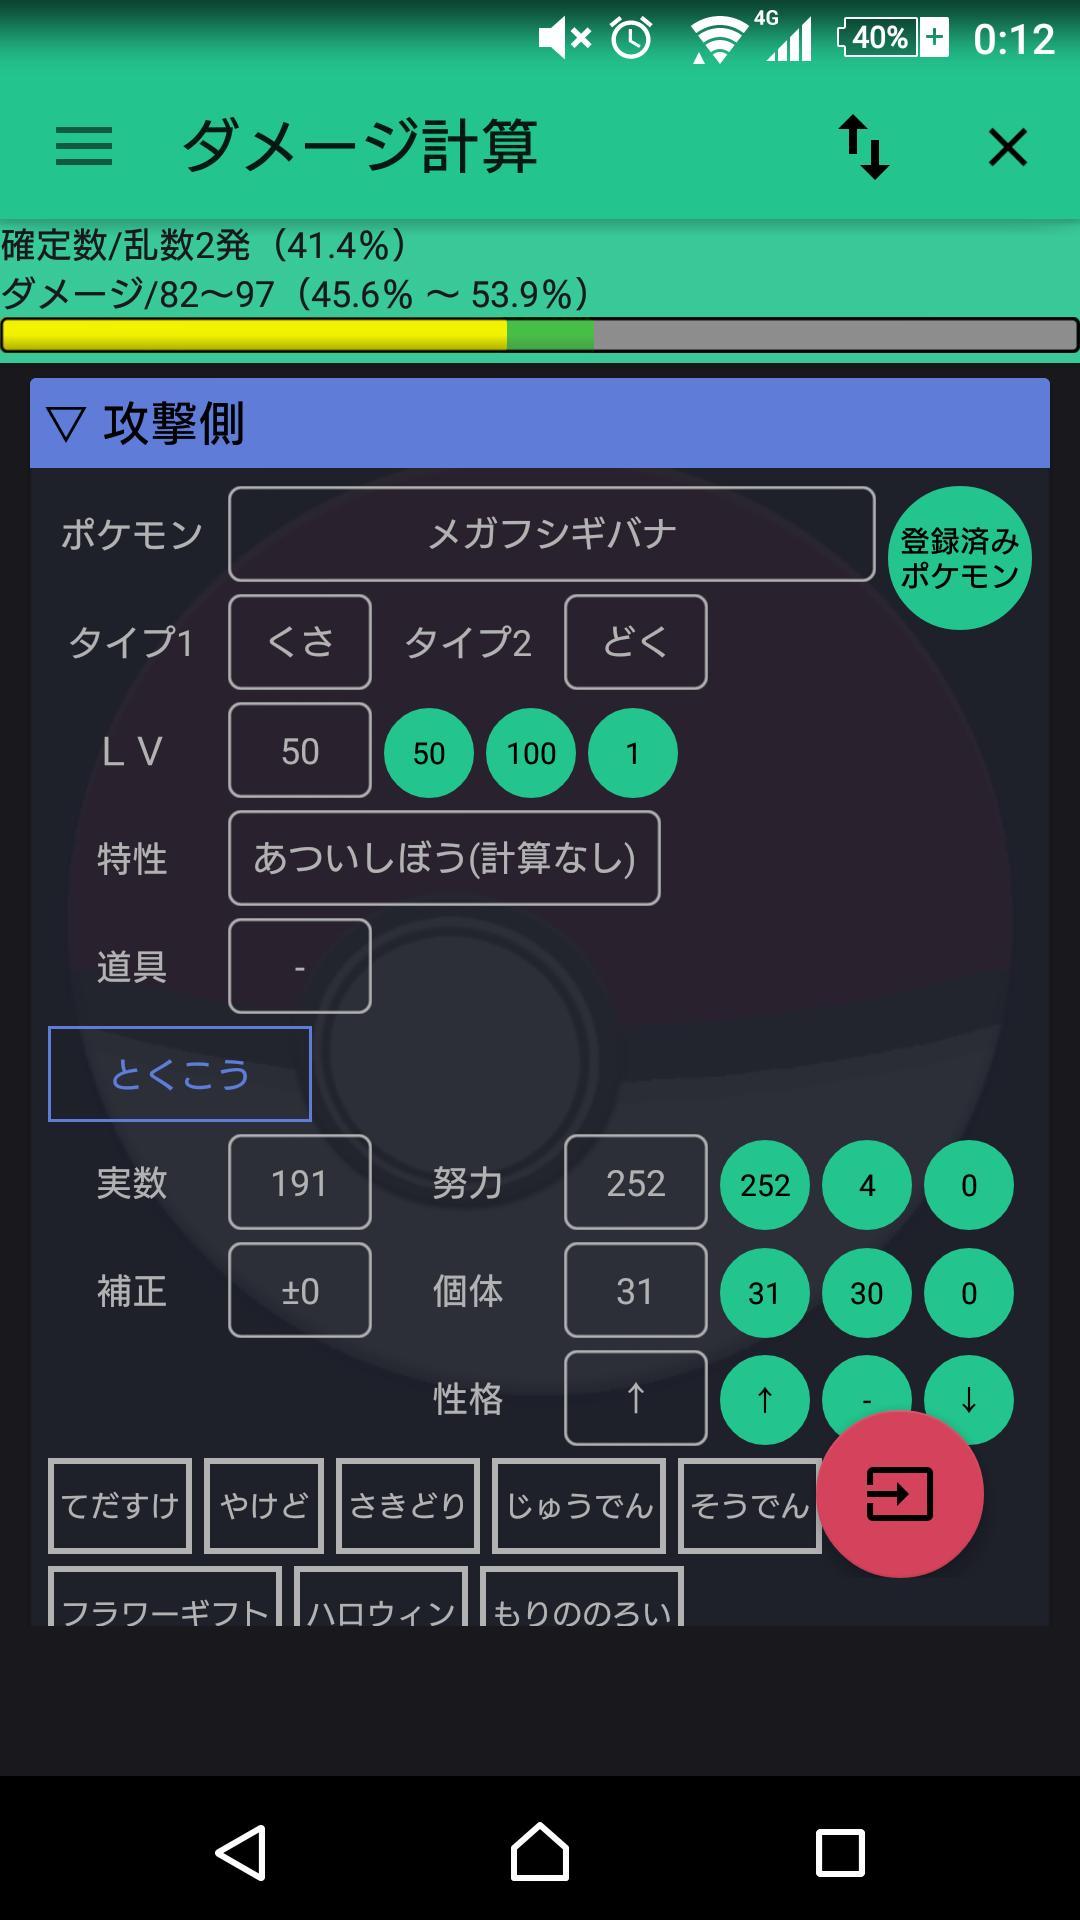 値 ポケモン カリ キュレーター 個体